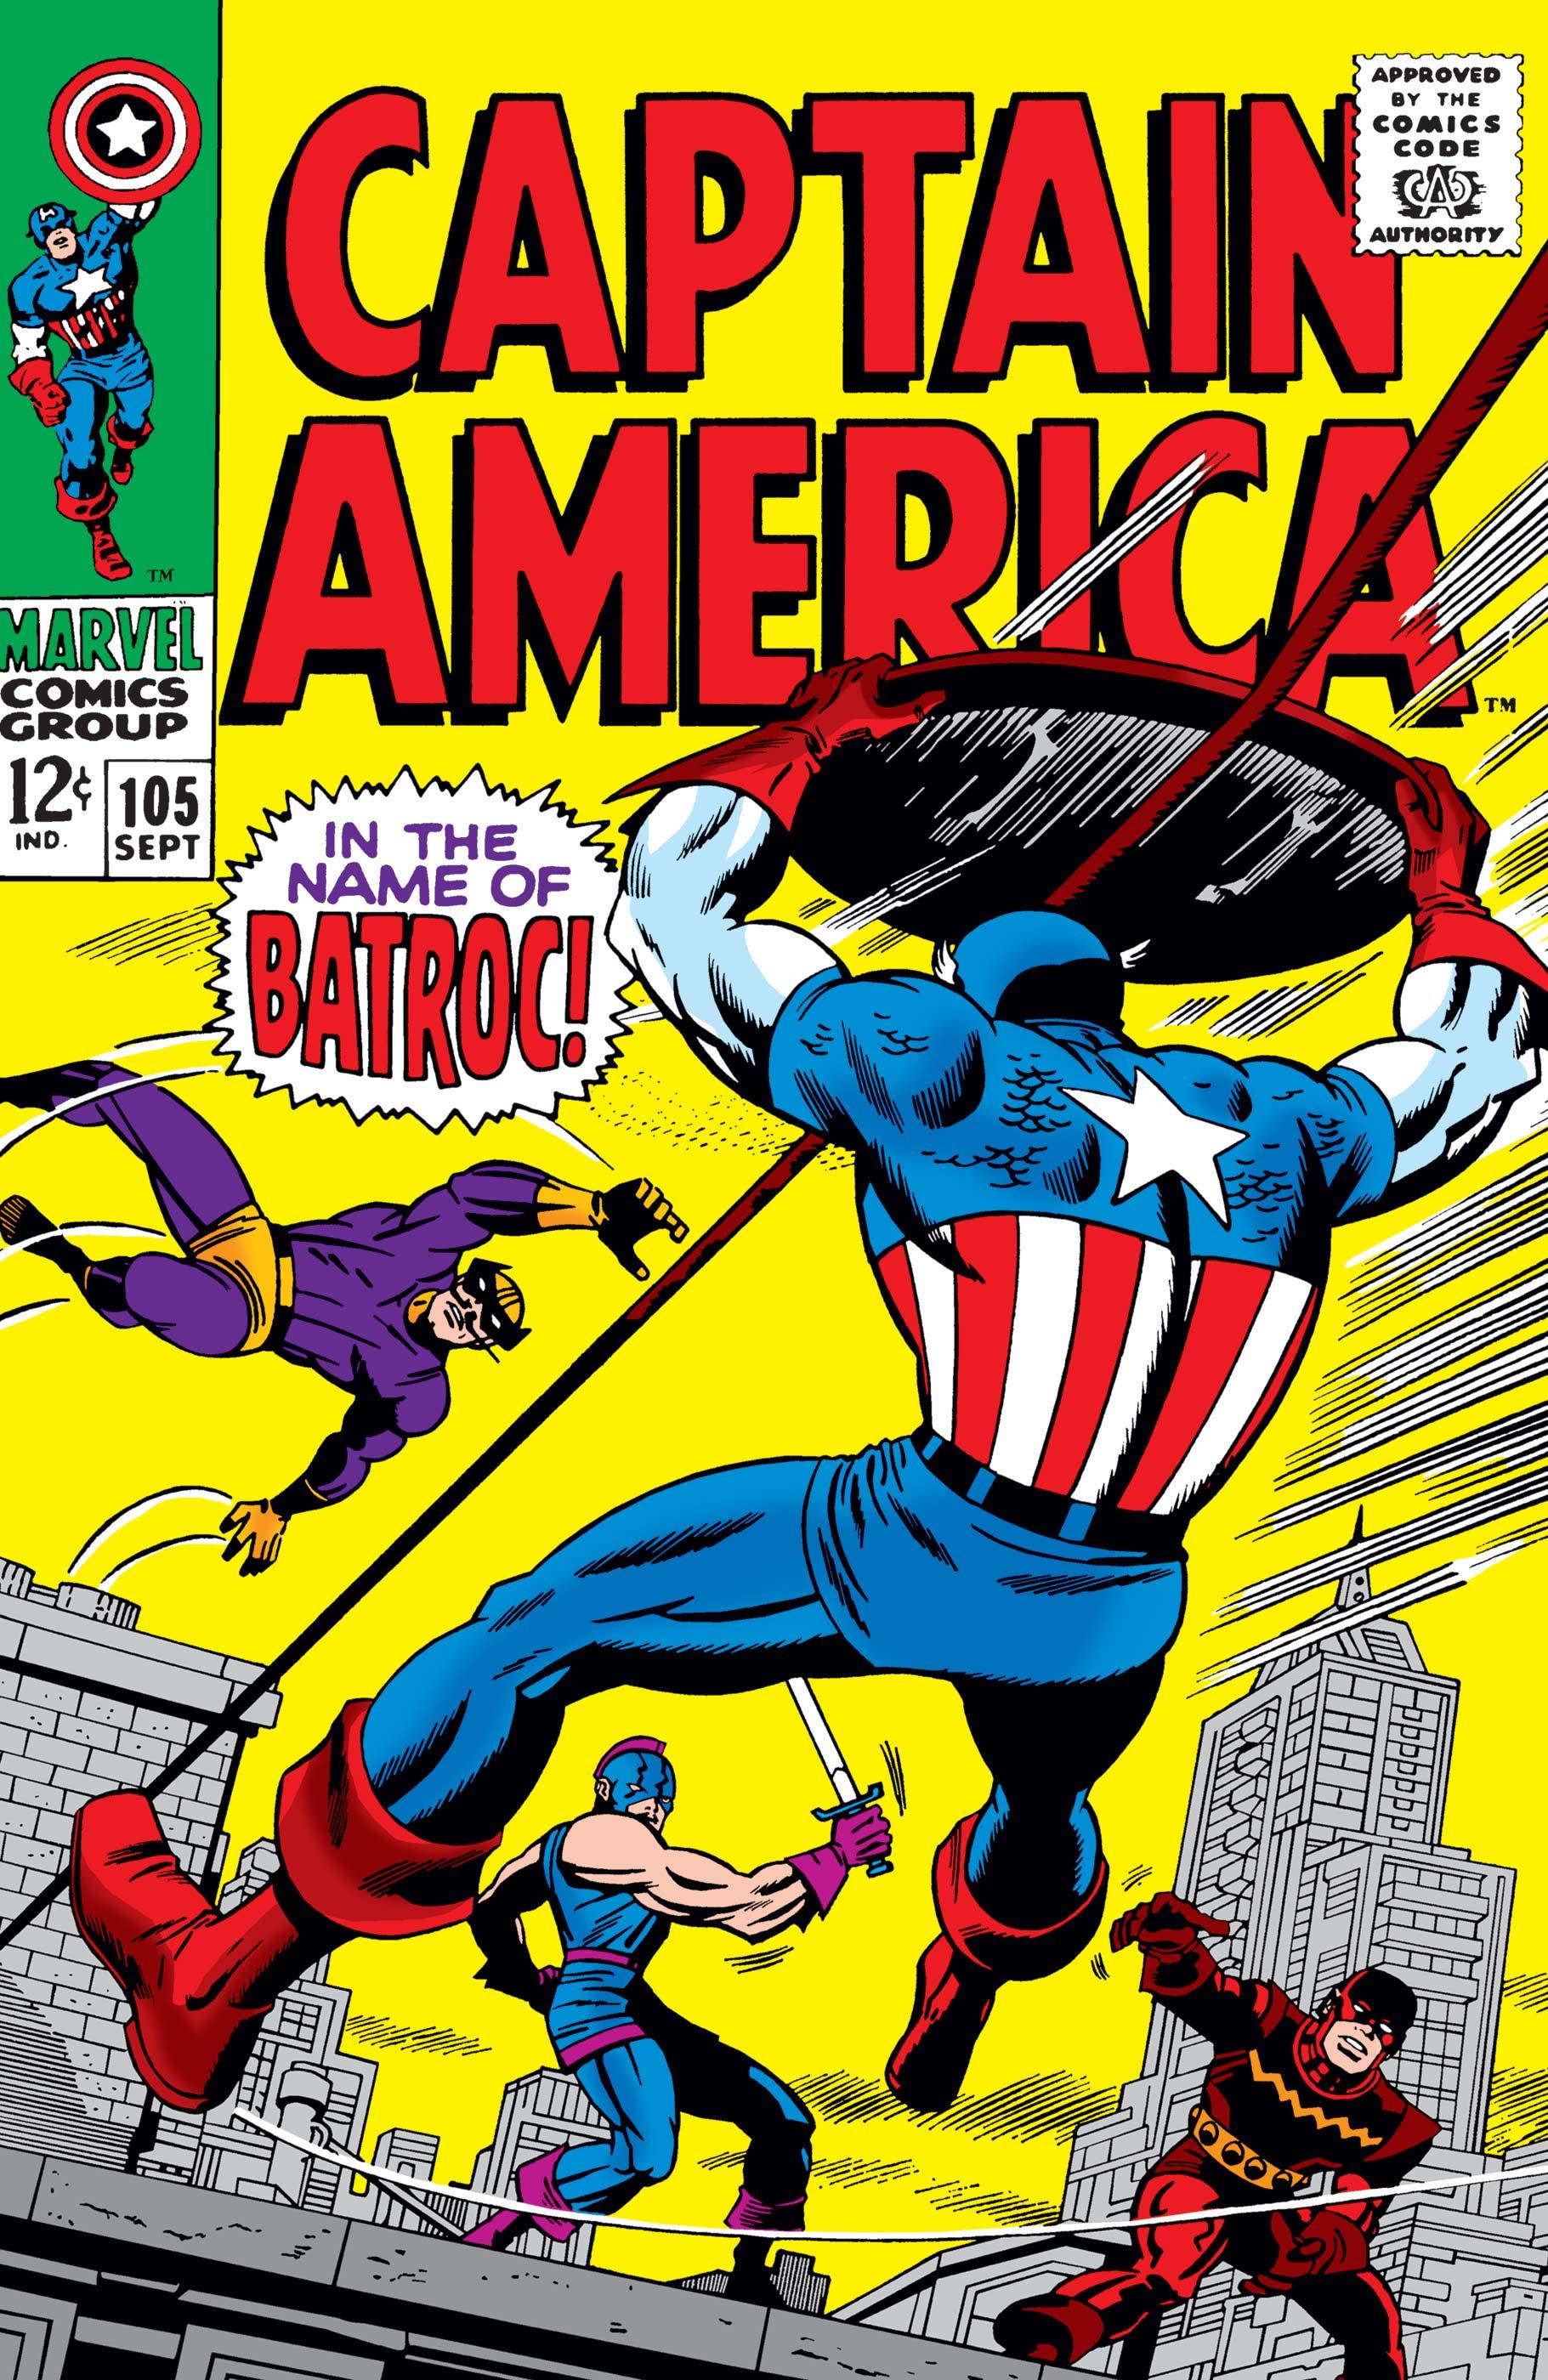 Captain America (1968) #105